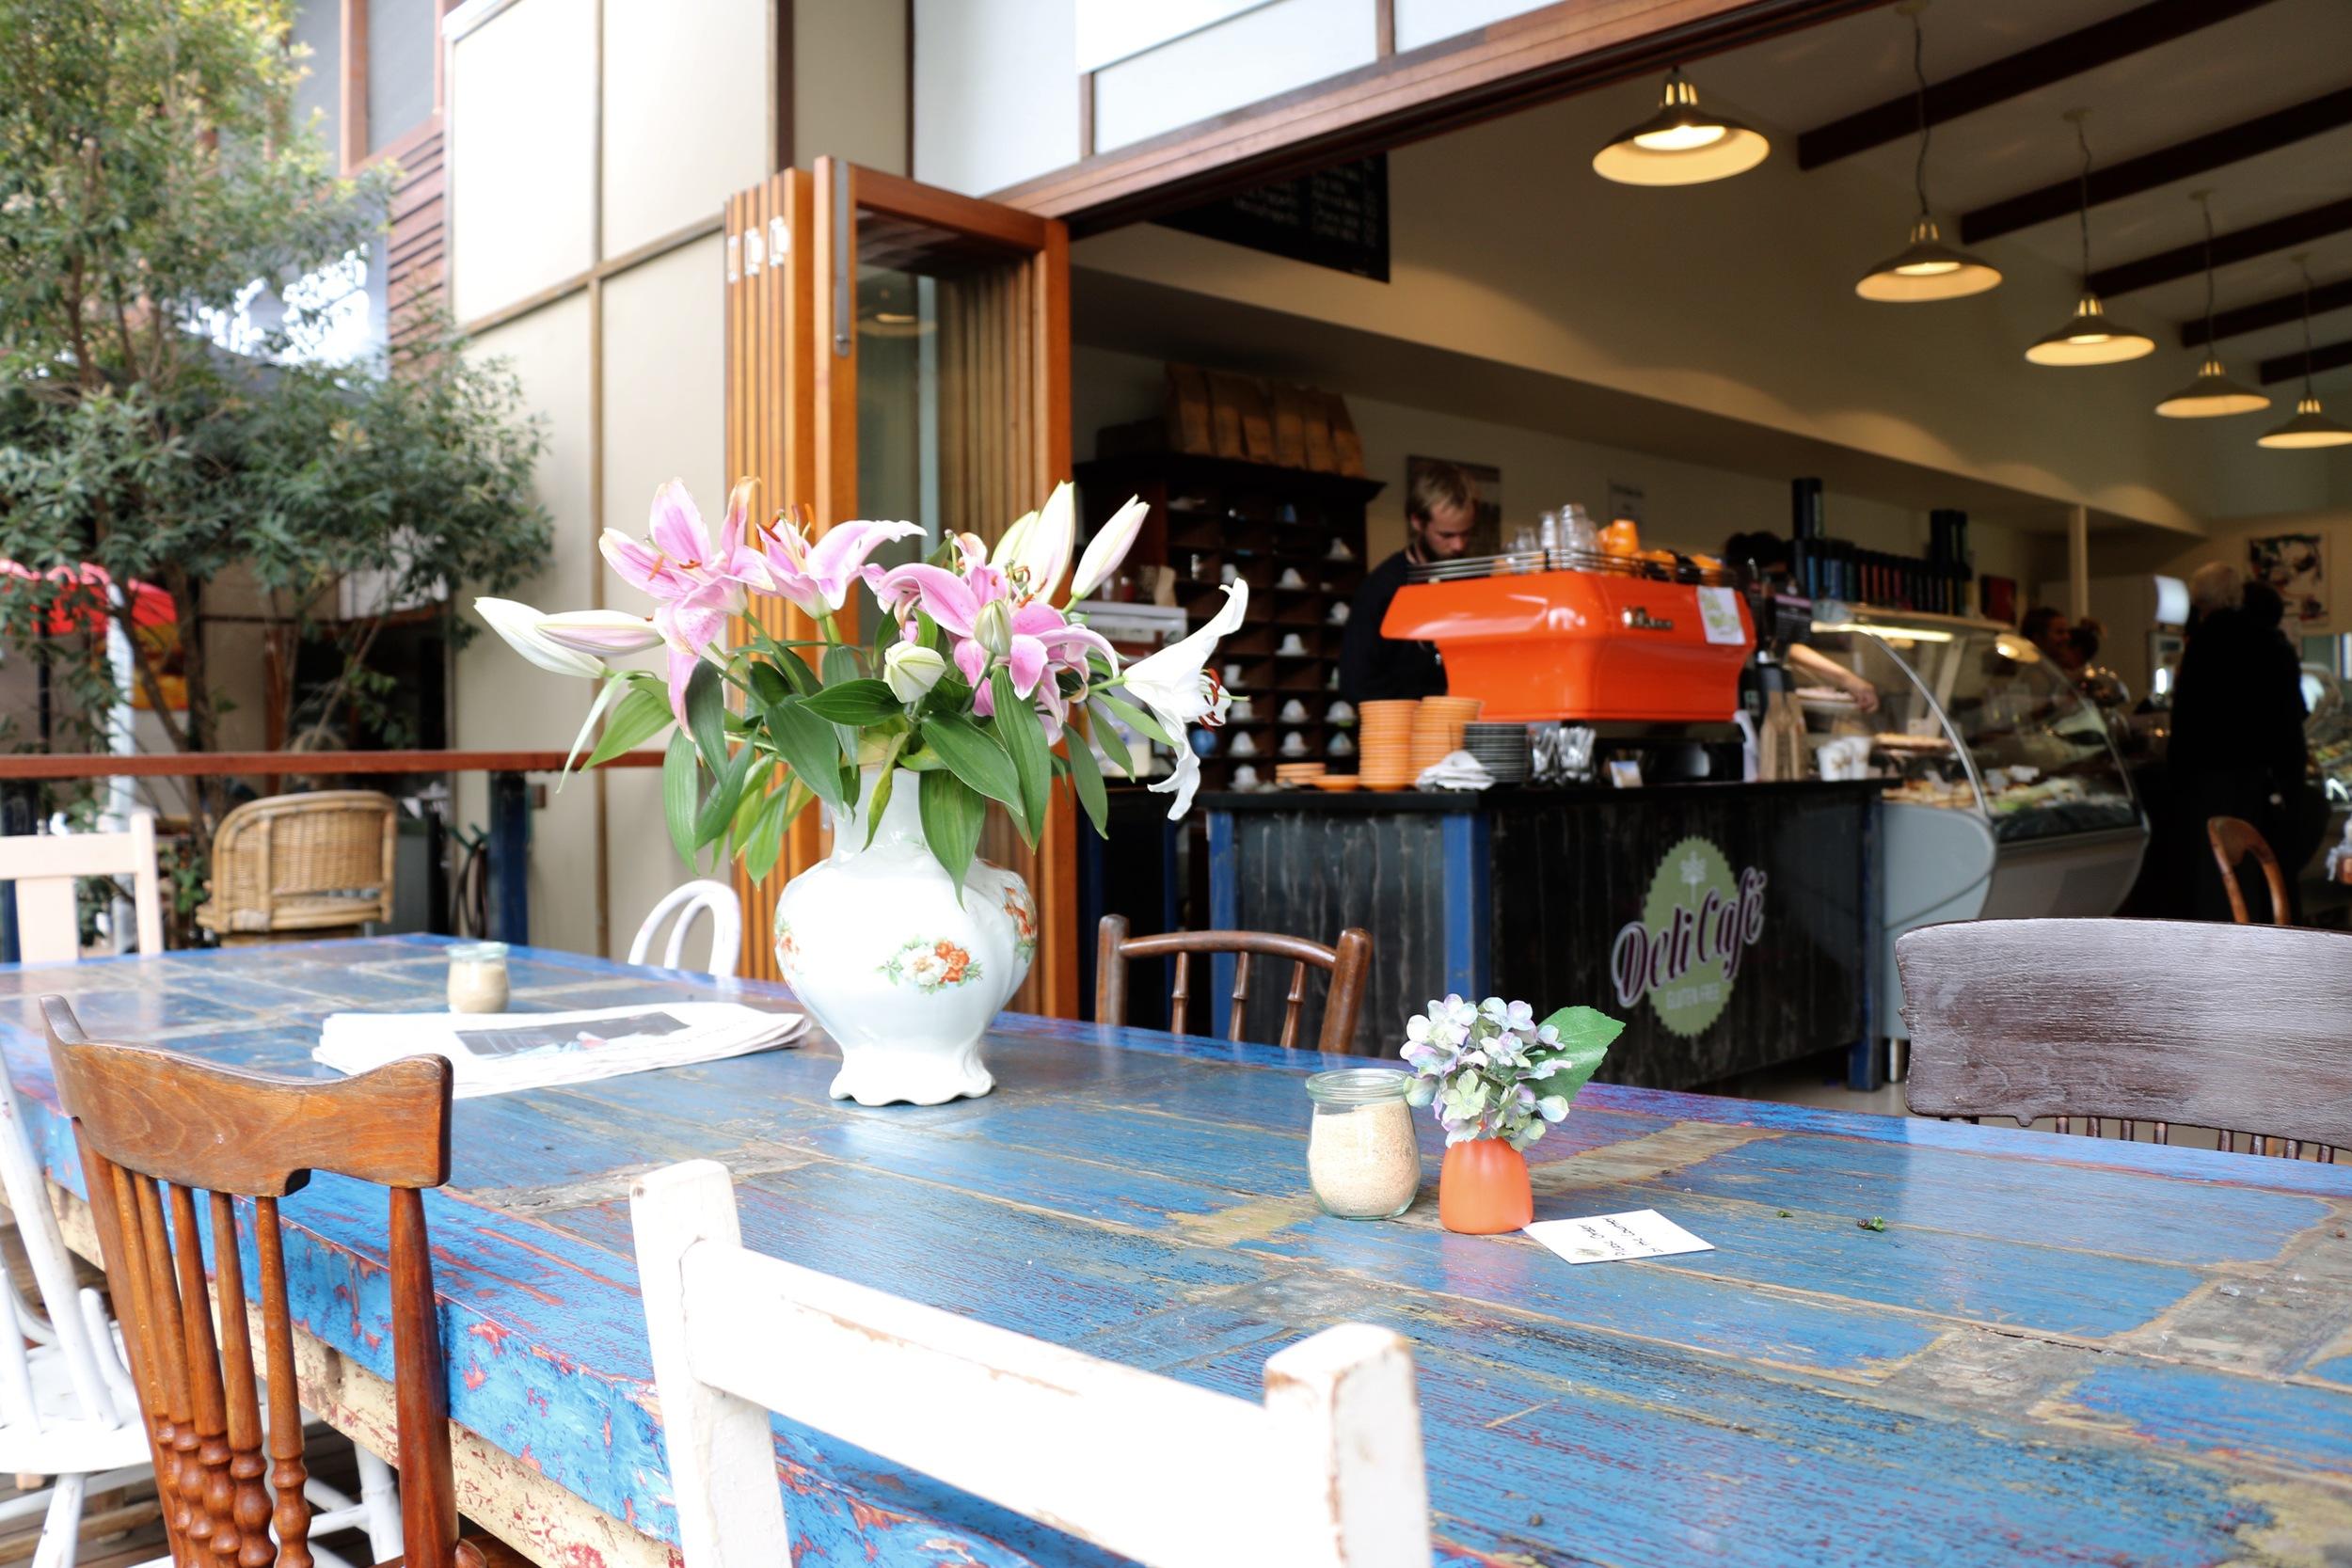 Deli Cafe Outside.jpg